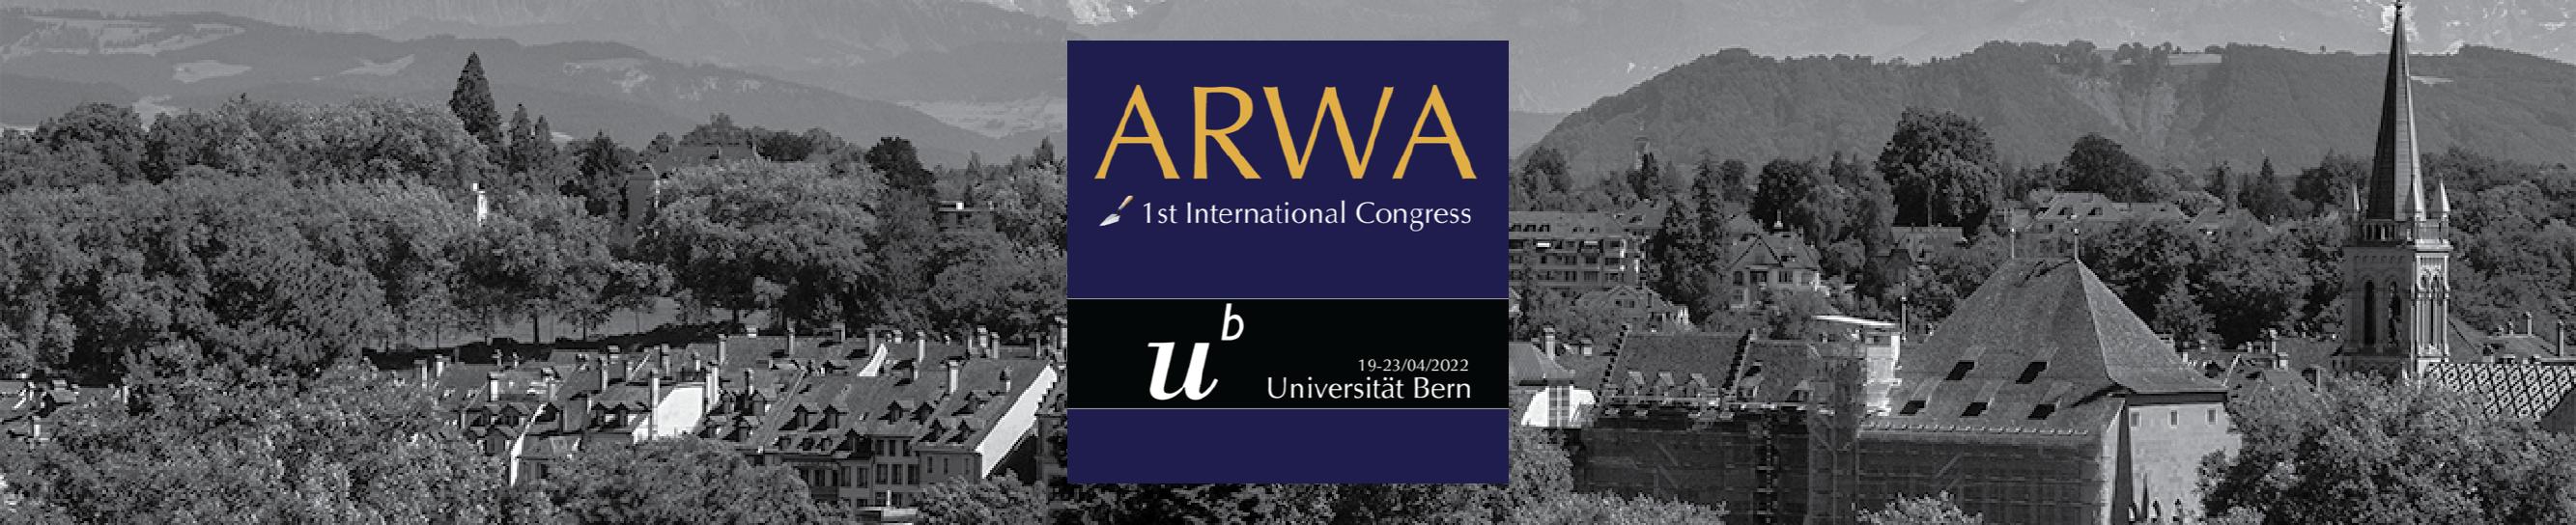 events 1st ARWA Congress